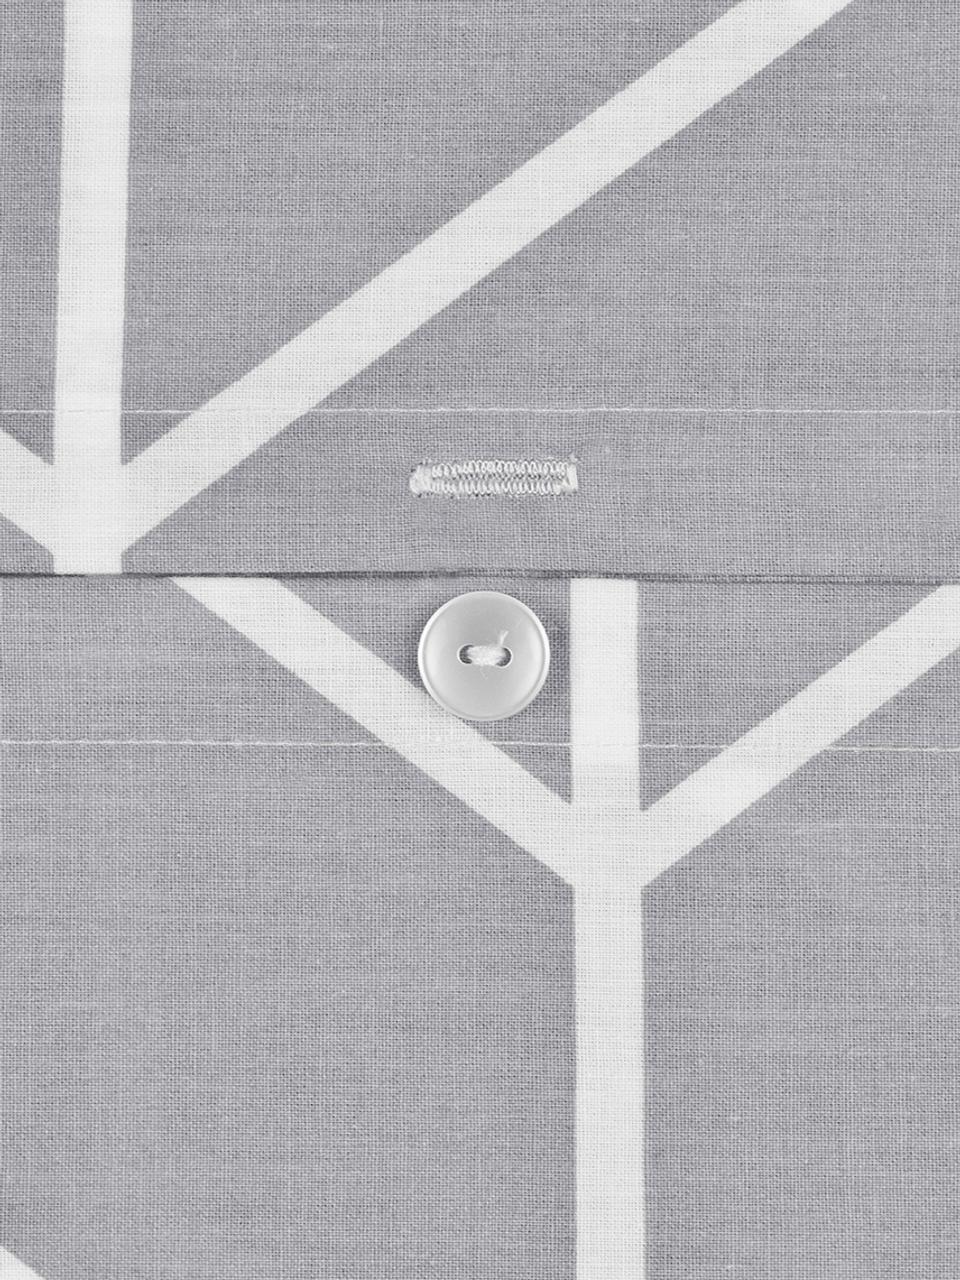 Baumwoll-Kissenbezüge Mirja mit grafischem Muster, 2 Stück, Webart: Renforcé Fadendichte 144 , Grau, Cremeweiß, 40 x 80 cm